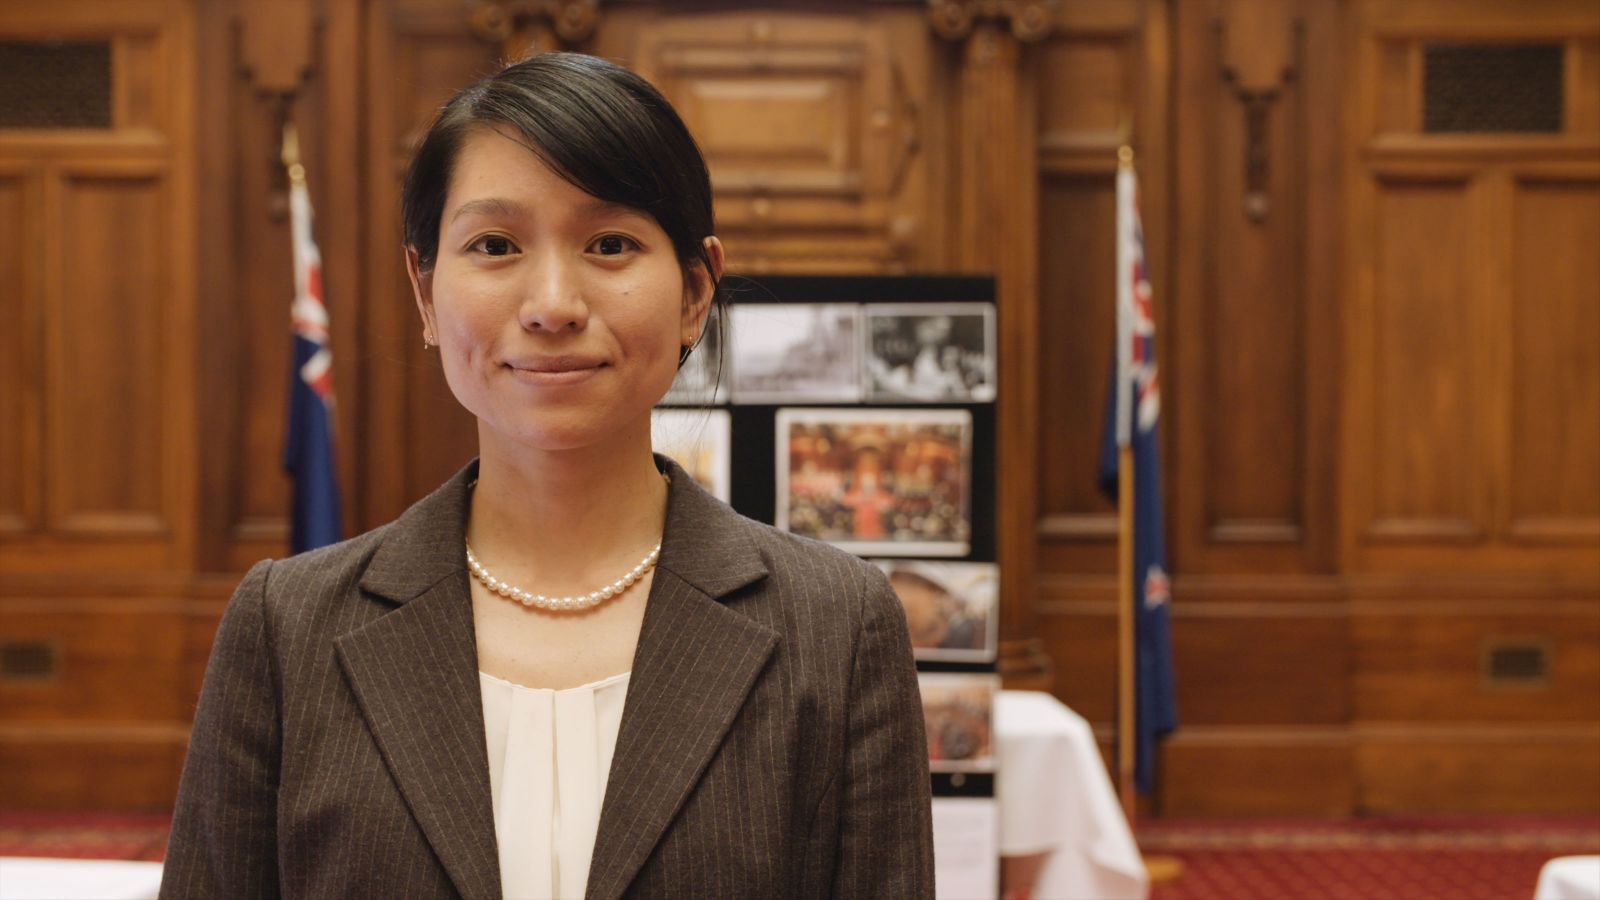 Yukiko Kuboshima